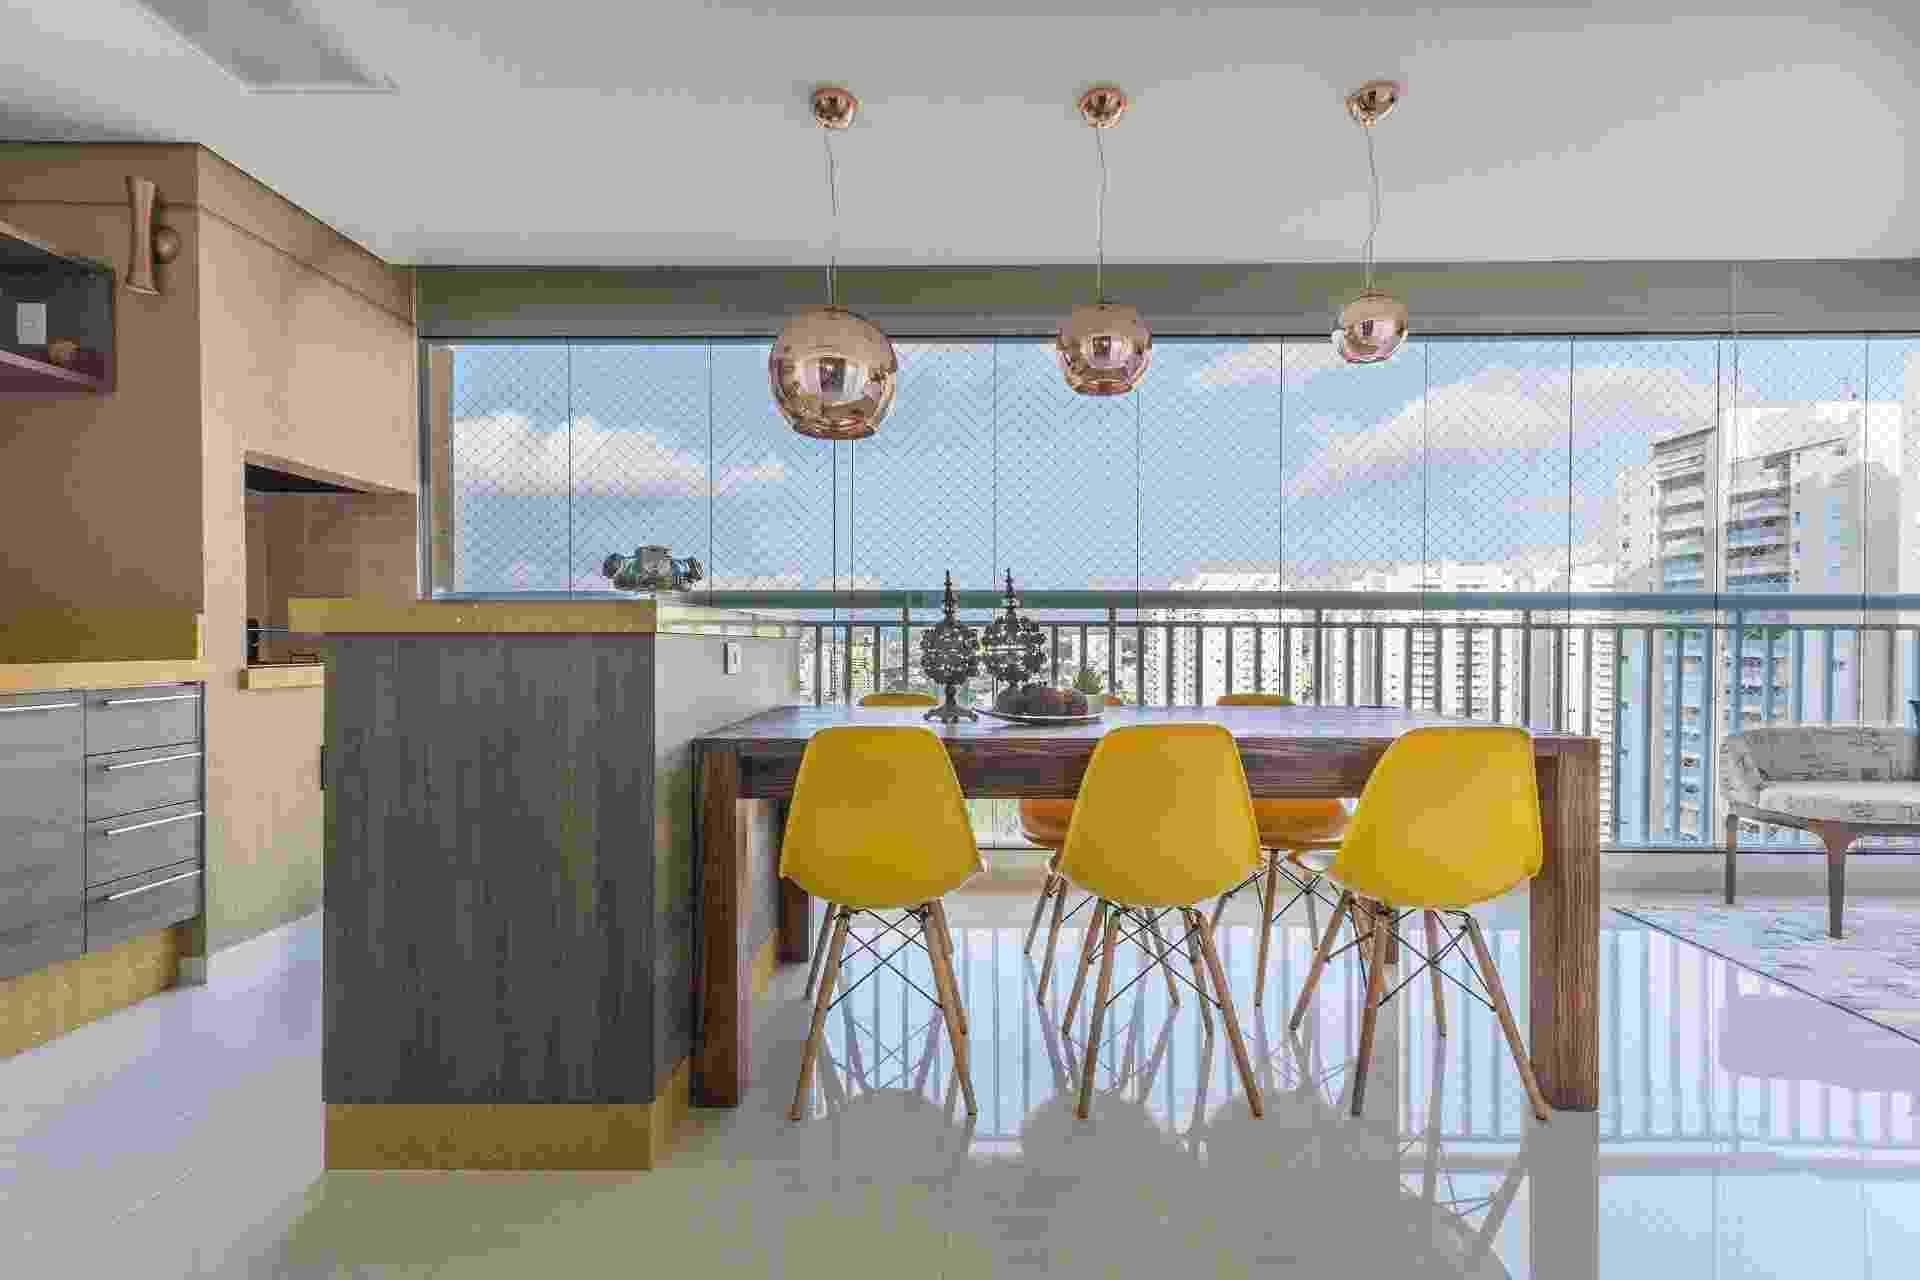 Como esta varanda tem dimensões generosas, a designer de interiores Silvana Borzi empregou uma ampla bancada junto à área da churrasqueira, com mesa de jantar integrada. As cadeiras criadas por Charles e Ray Eames em amarelo e os pendentes de cobre se destacam na decoração neutra - Henrique Ribeiro/ Divulgação